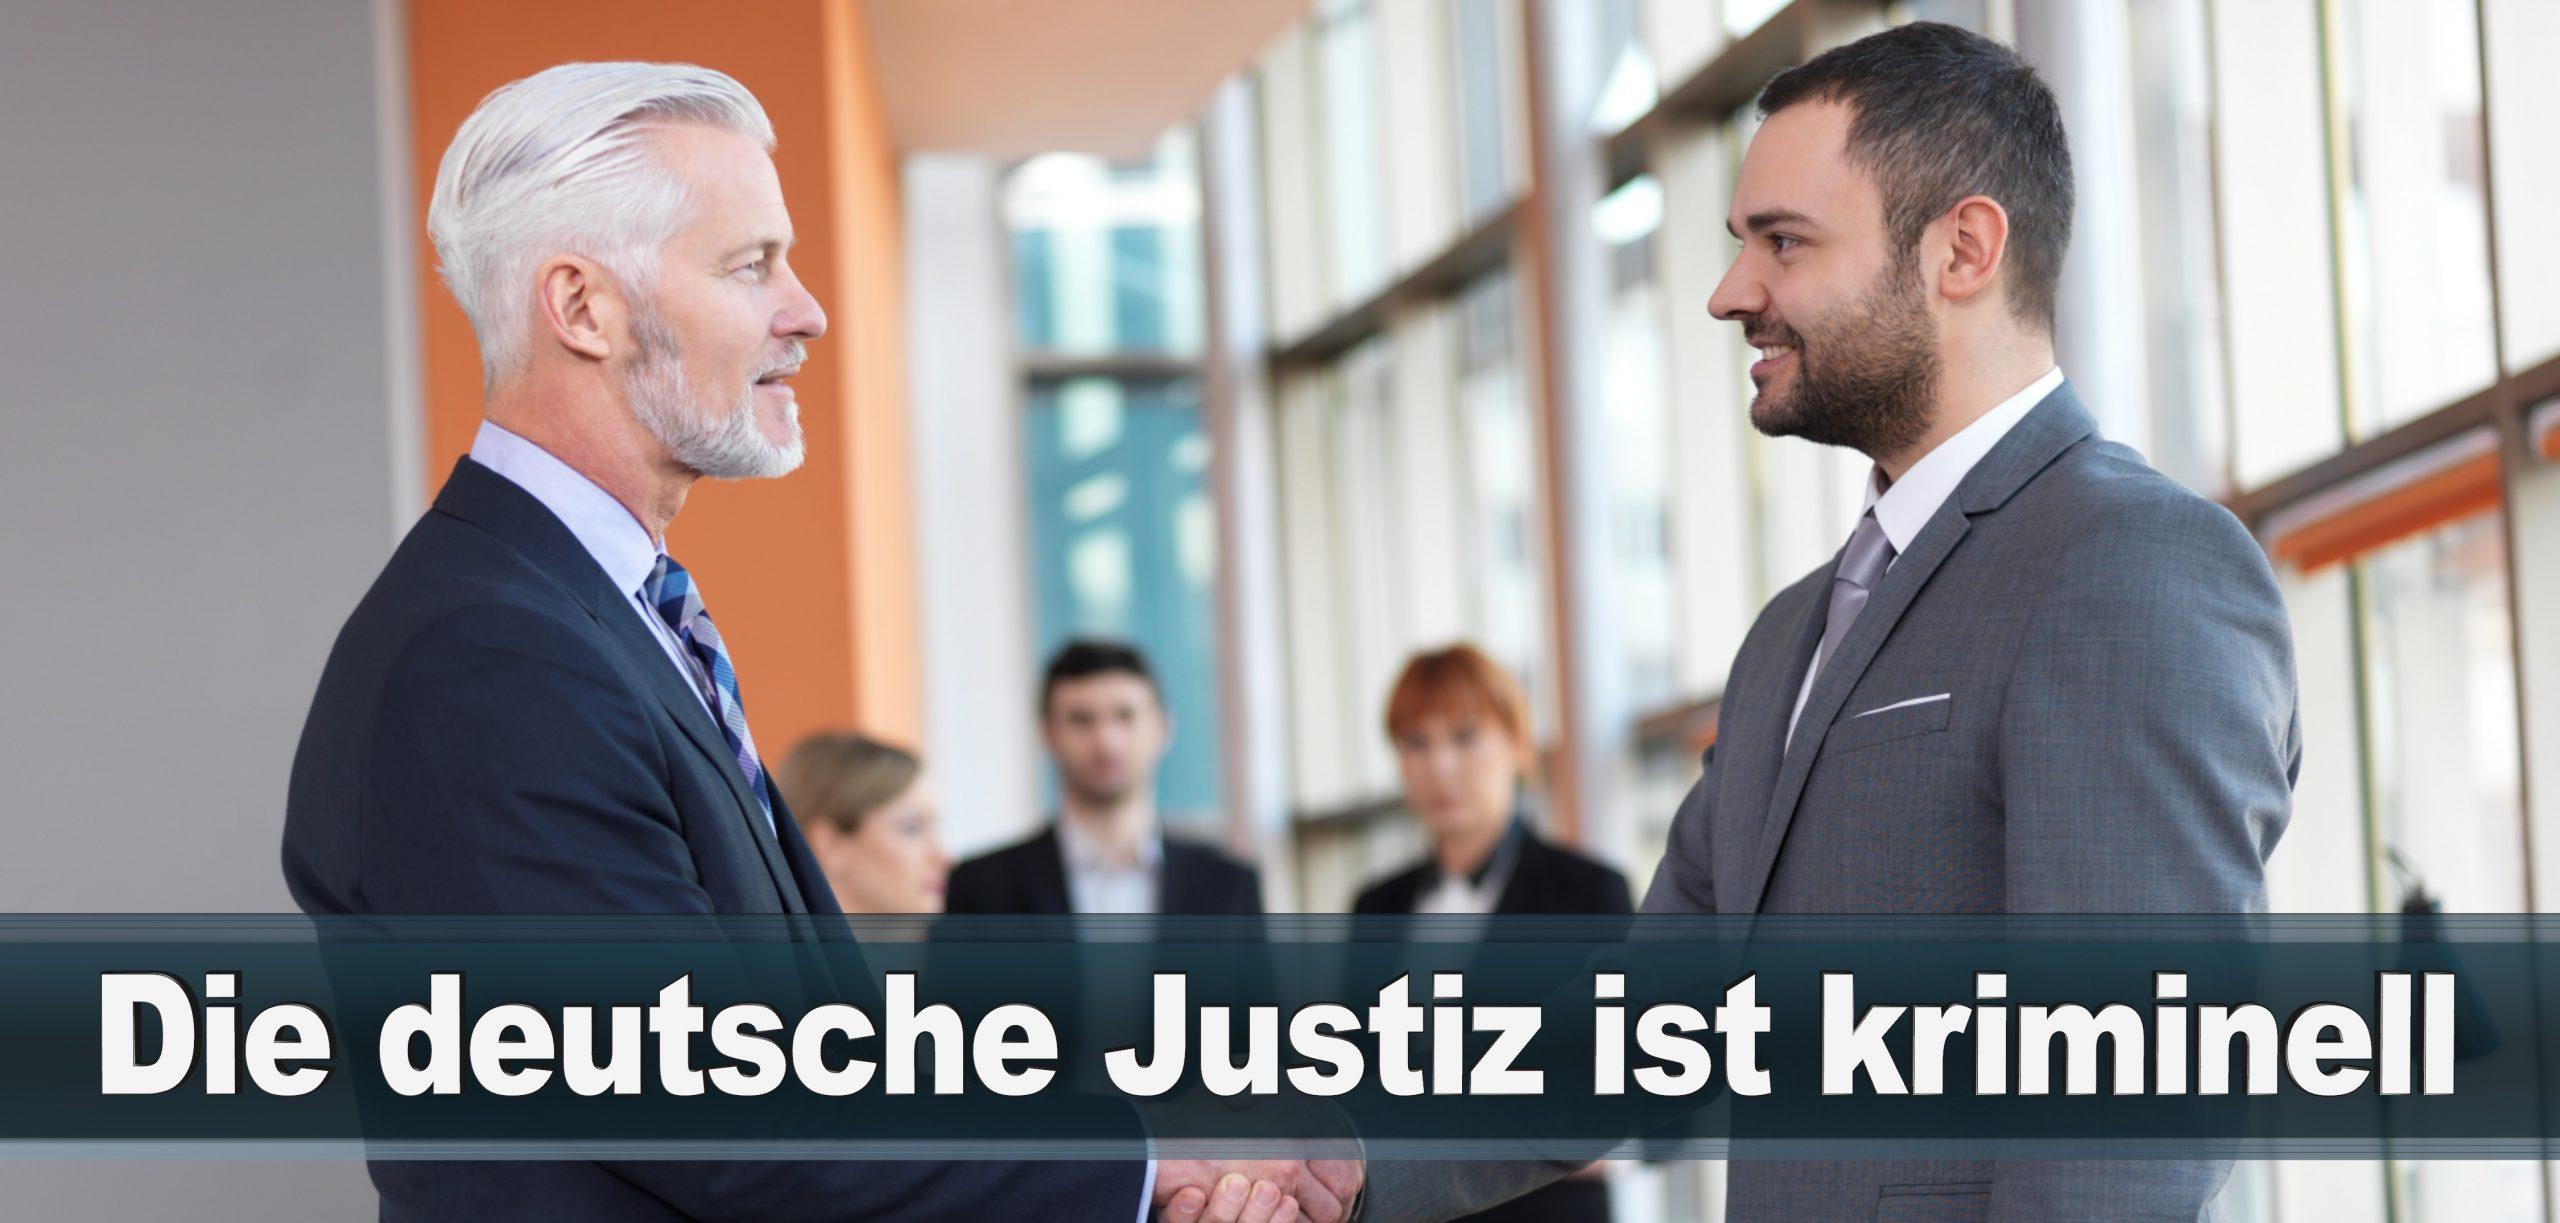 Bundestagswahl 2021 Wahlplakate CDU SPD FDP AFD Grüne Linke Stimmzettel Prognose Umfrage Kandidaten Parteien Datum (53)